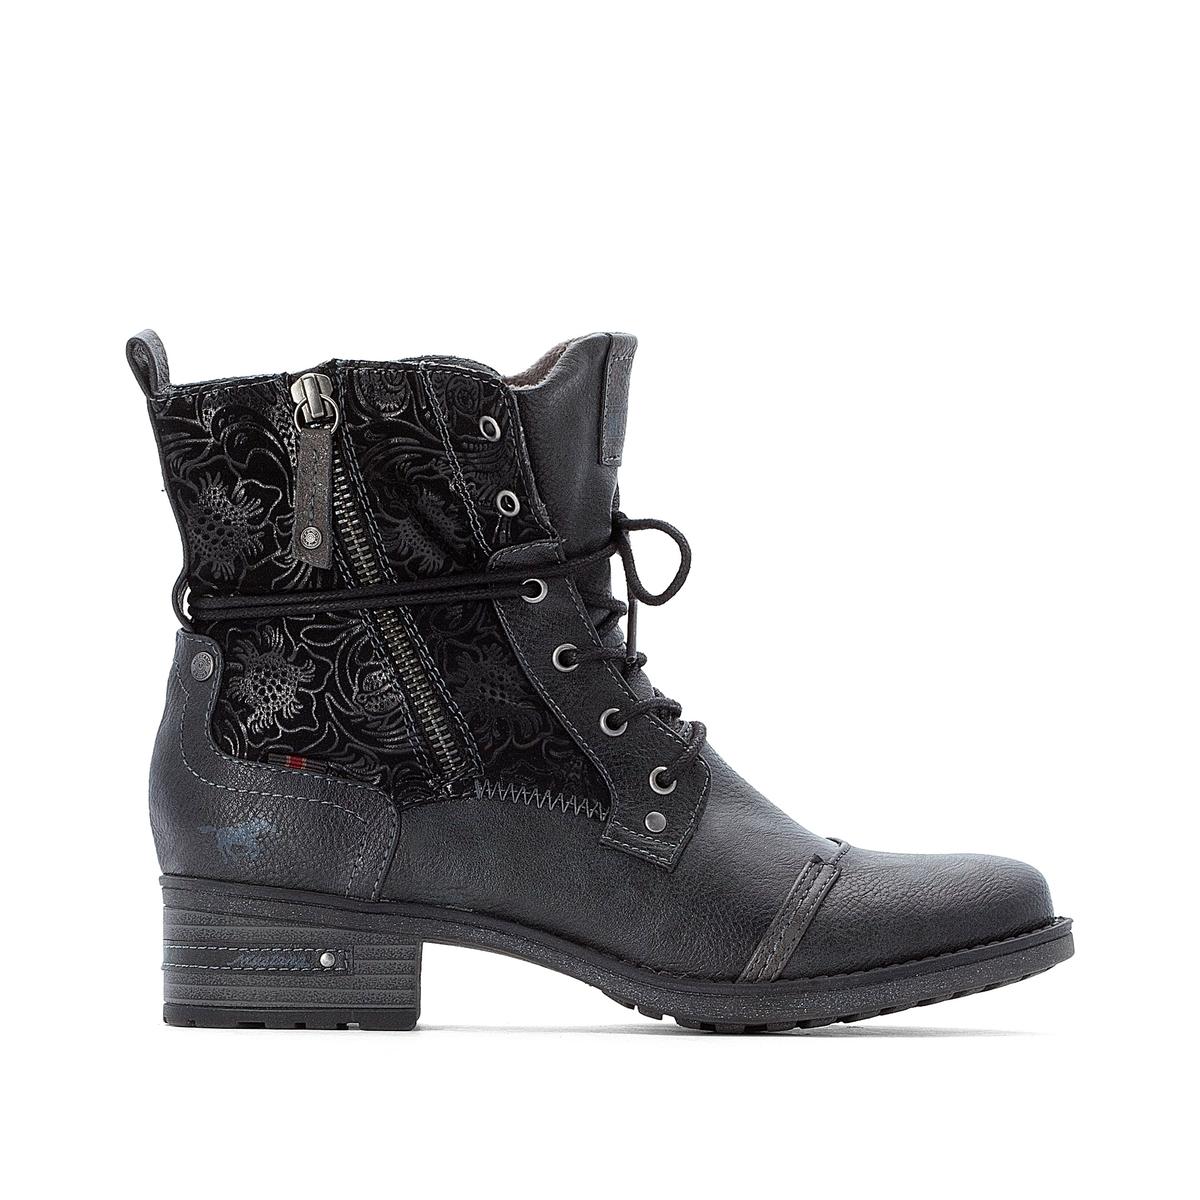 Ботинки La Redoute На шнуровке 38 серый ботинки la redoute на шнуровке 38 белый